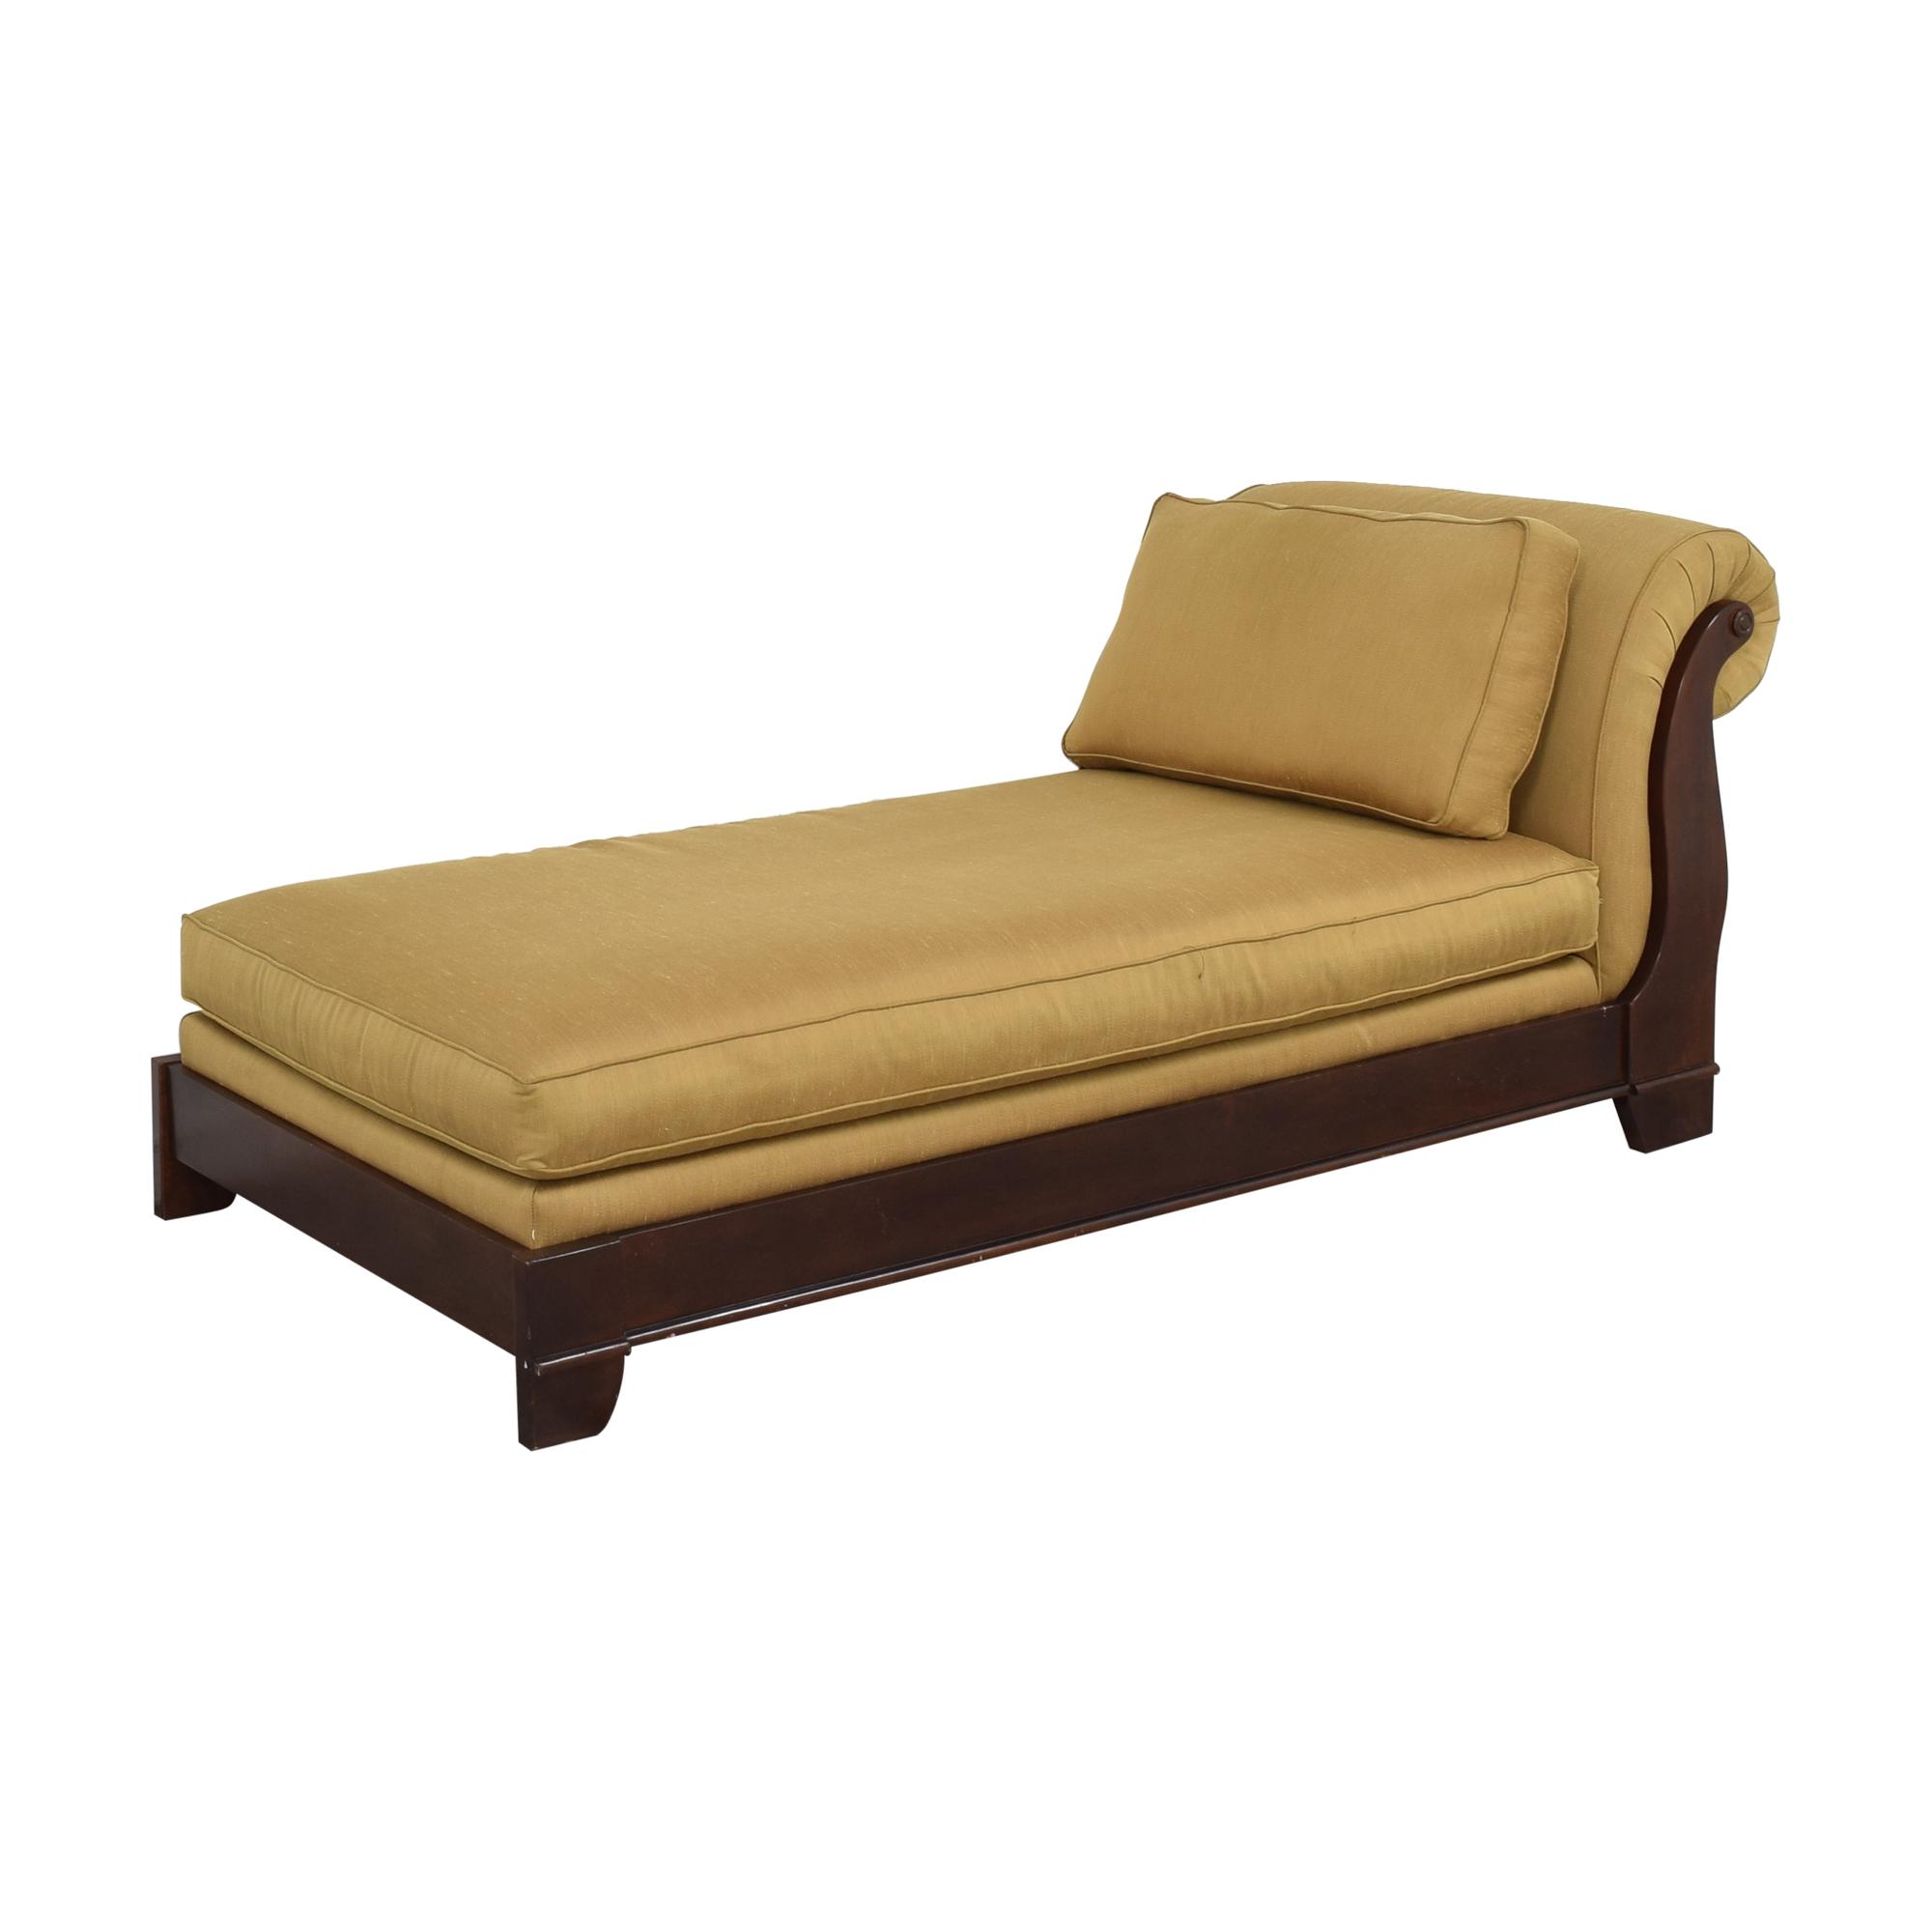 buy Bassett Upholstered Chaise Lounge Bassett Furniture Chaises